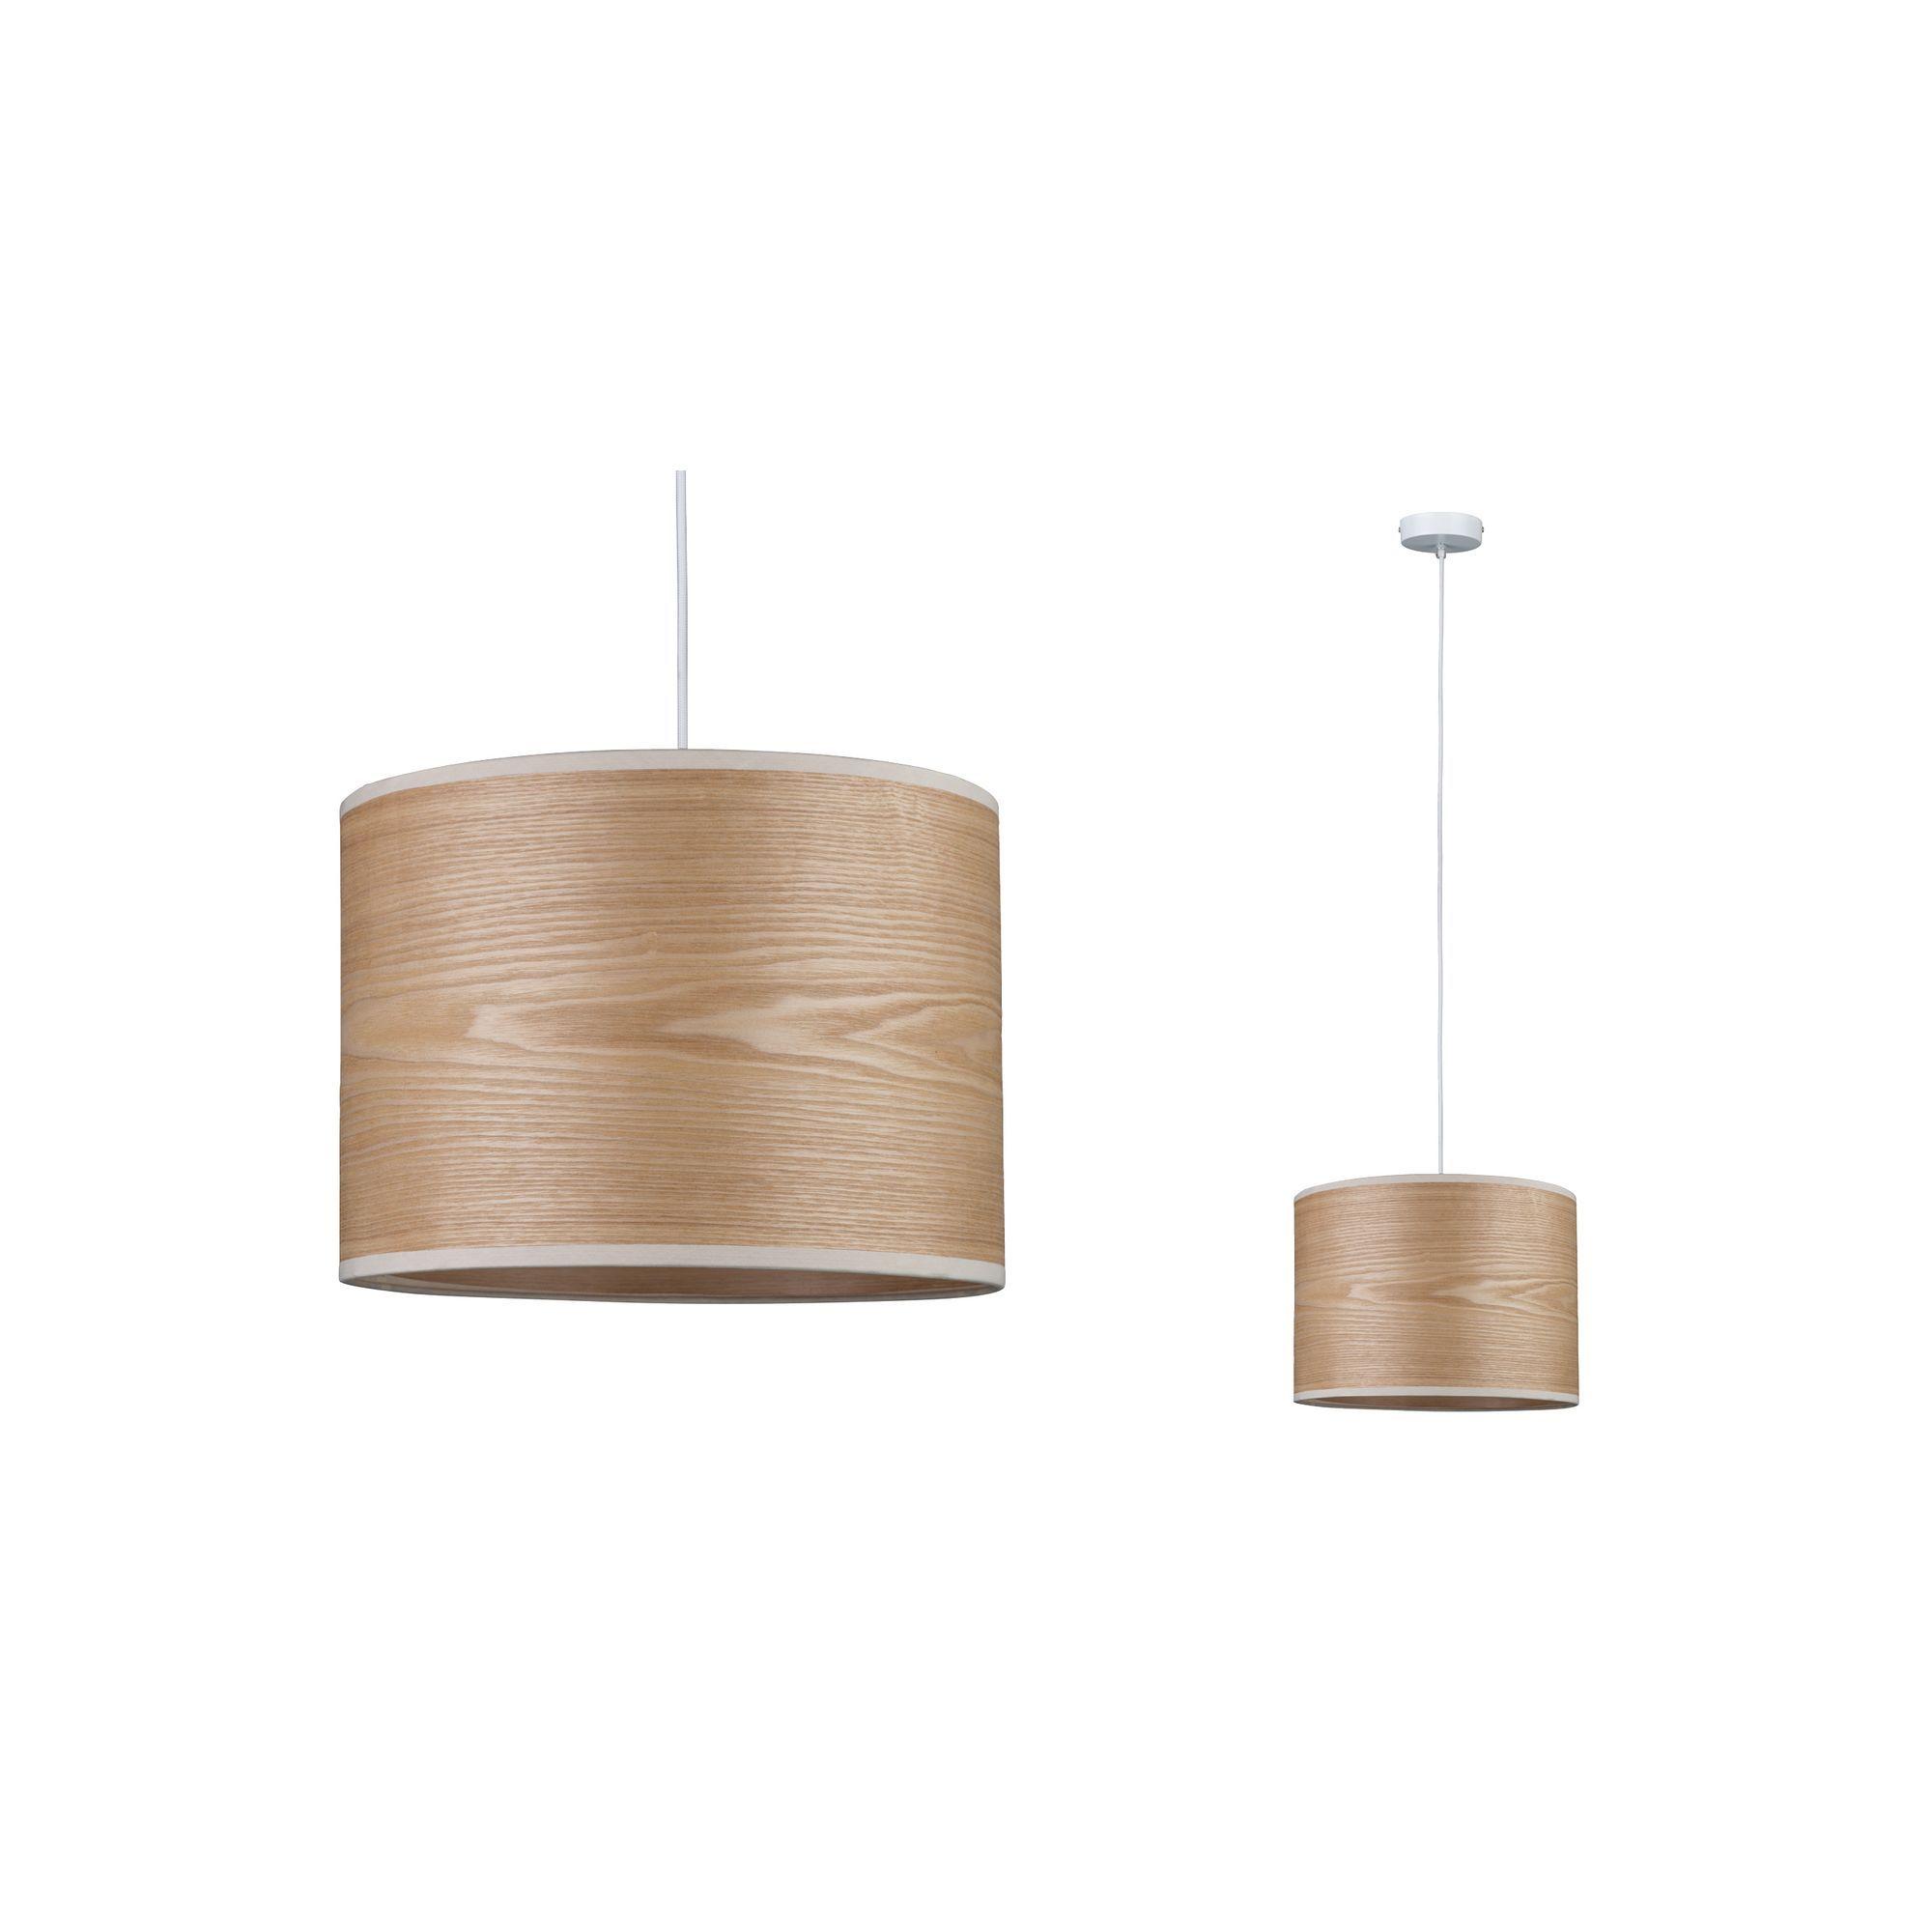 Lampa wisząca Neordic Neta - drewniany klosz